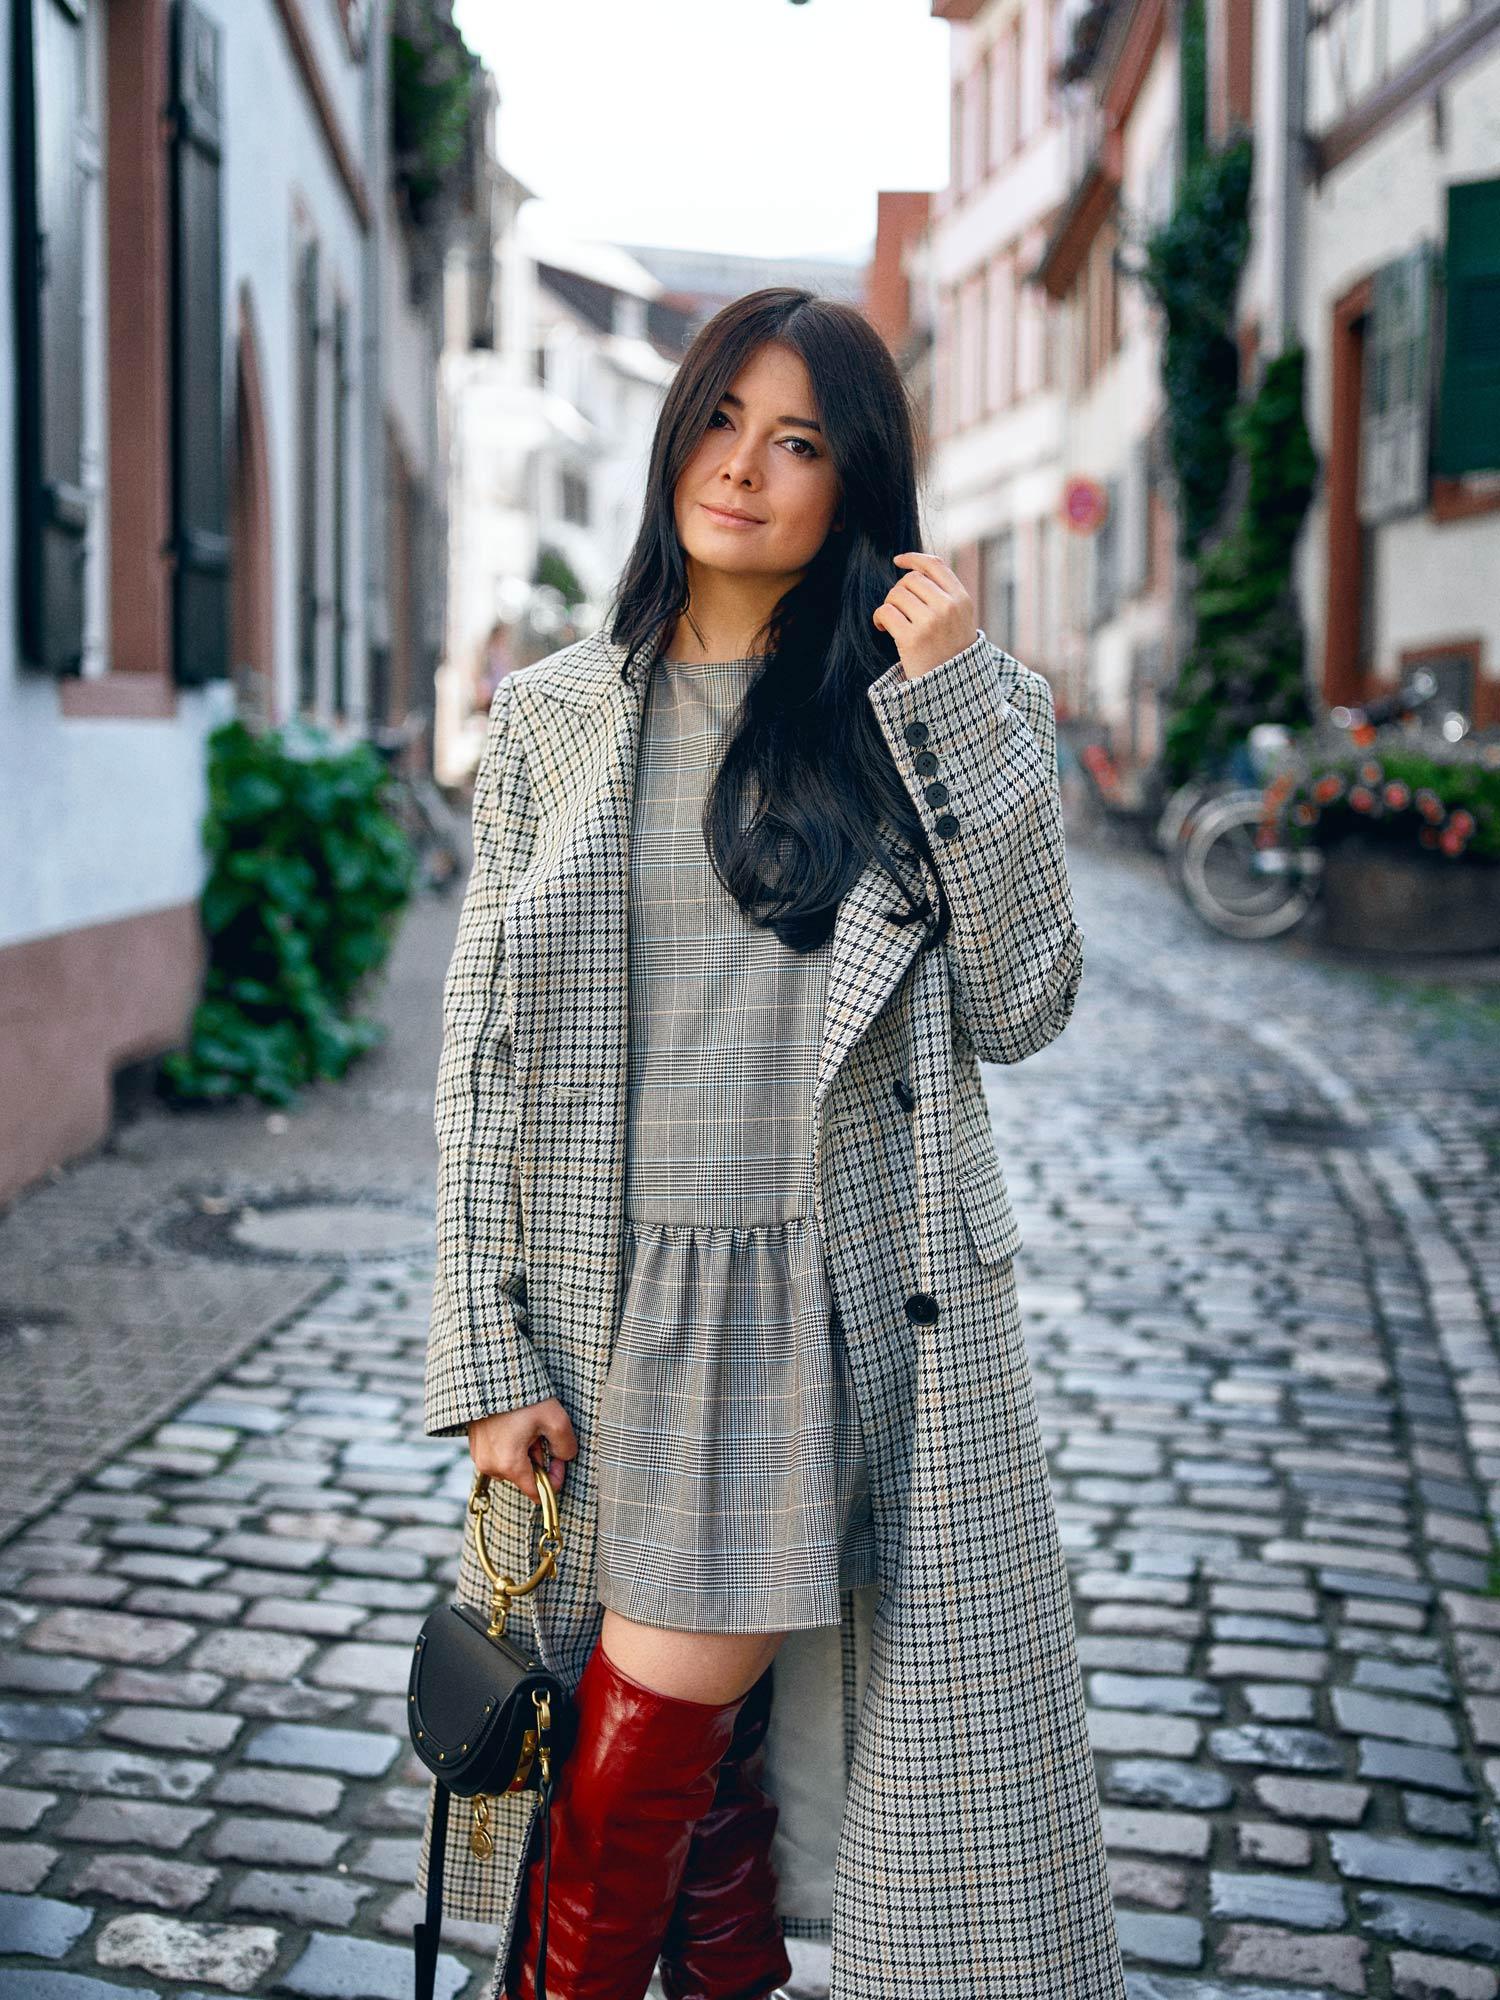 bloggerdeutschland-fashionblogger-fashionblog-lifestyleblogger-beautyblogger-fashion-blogger-modeblogger-modeblog-munich-blog-muenchen-trend-report-overknees